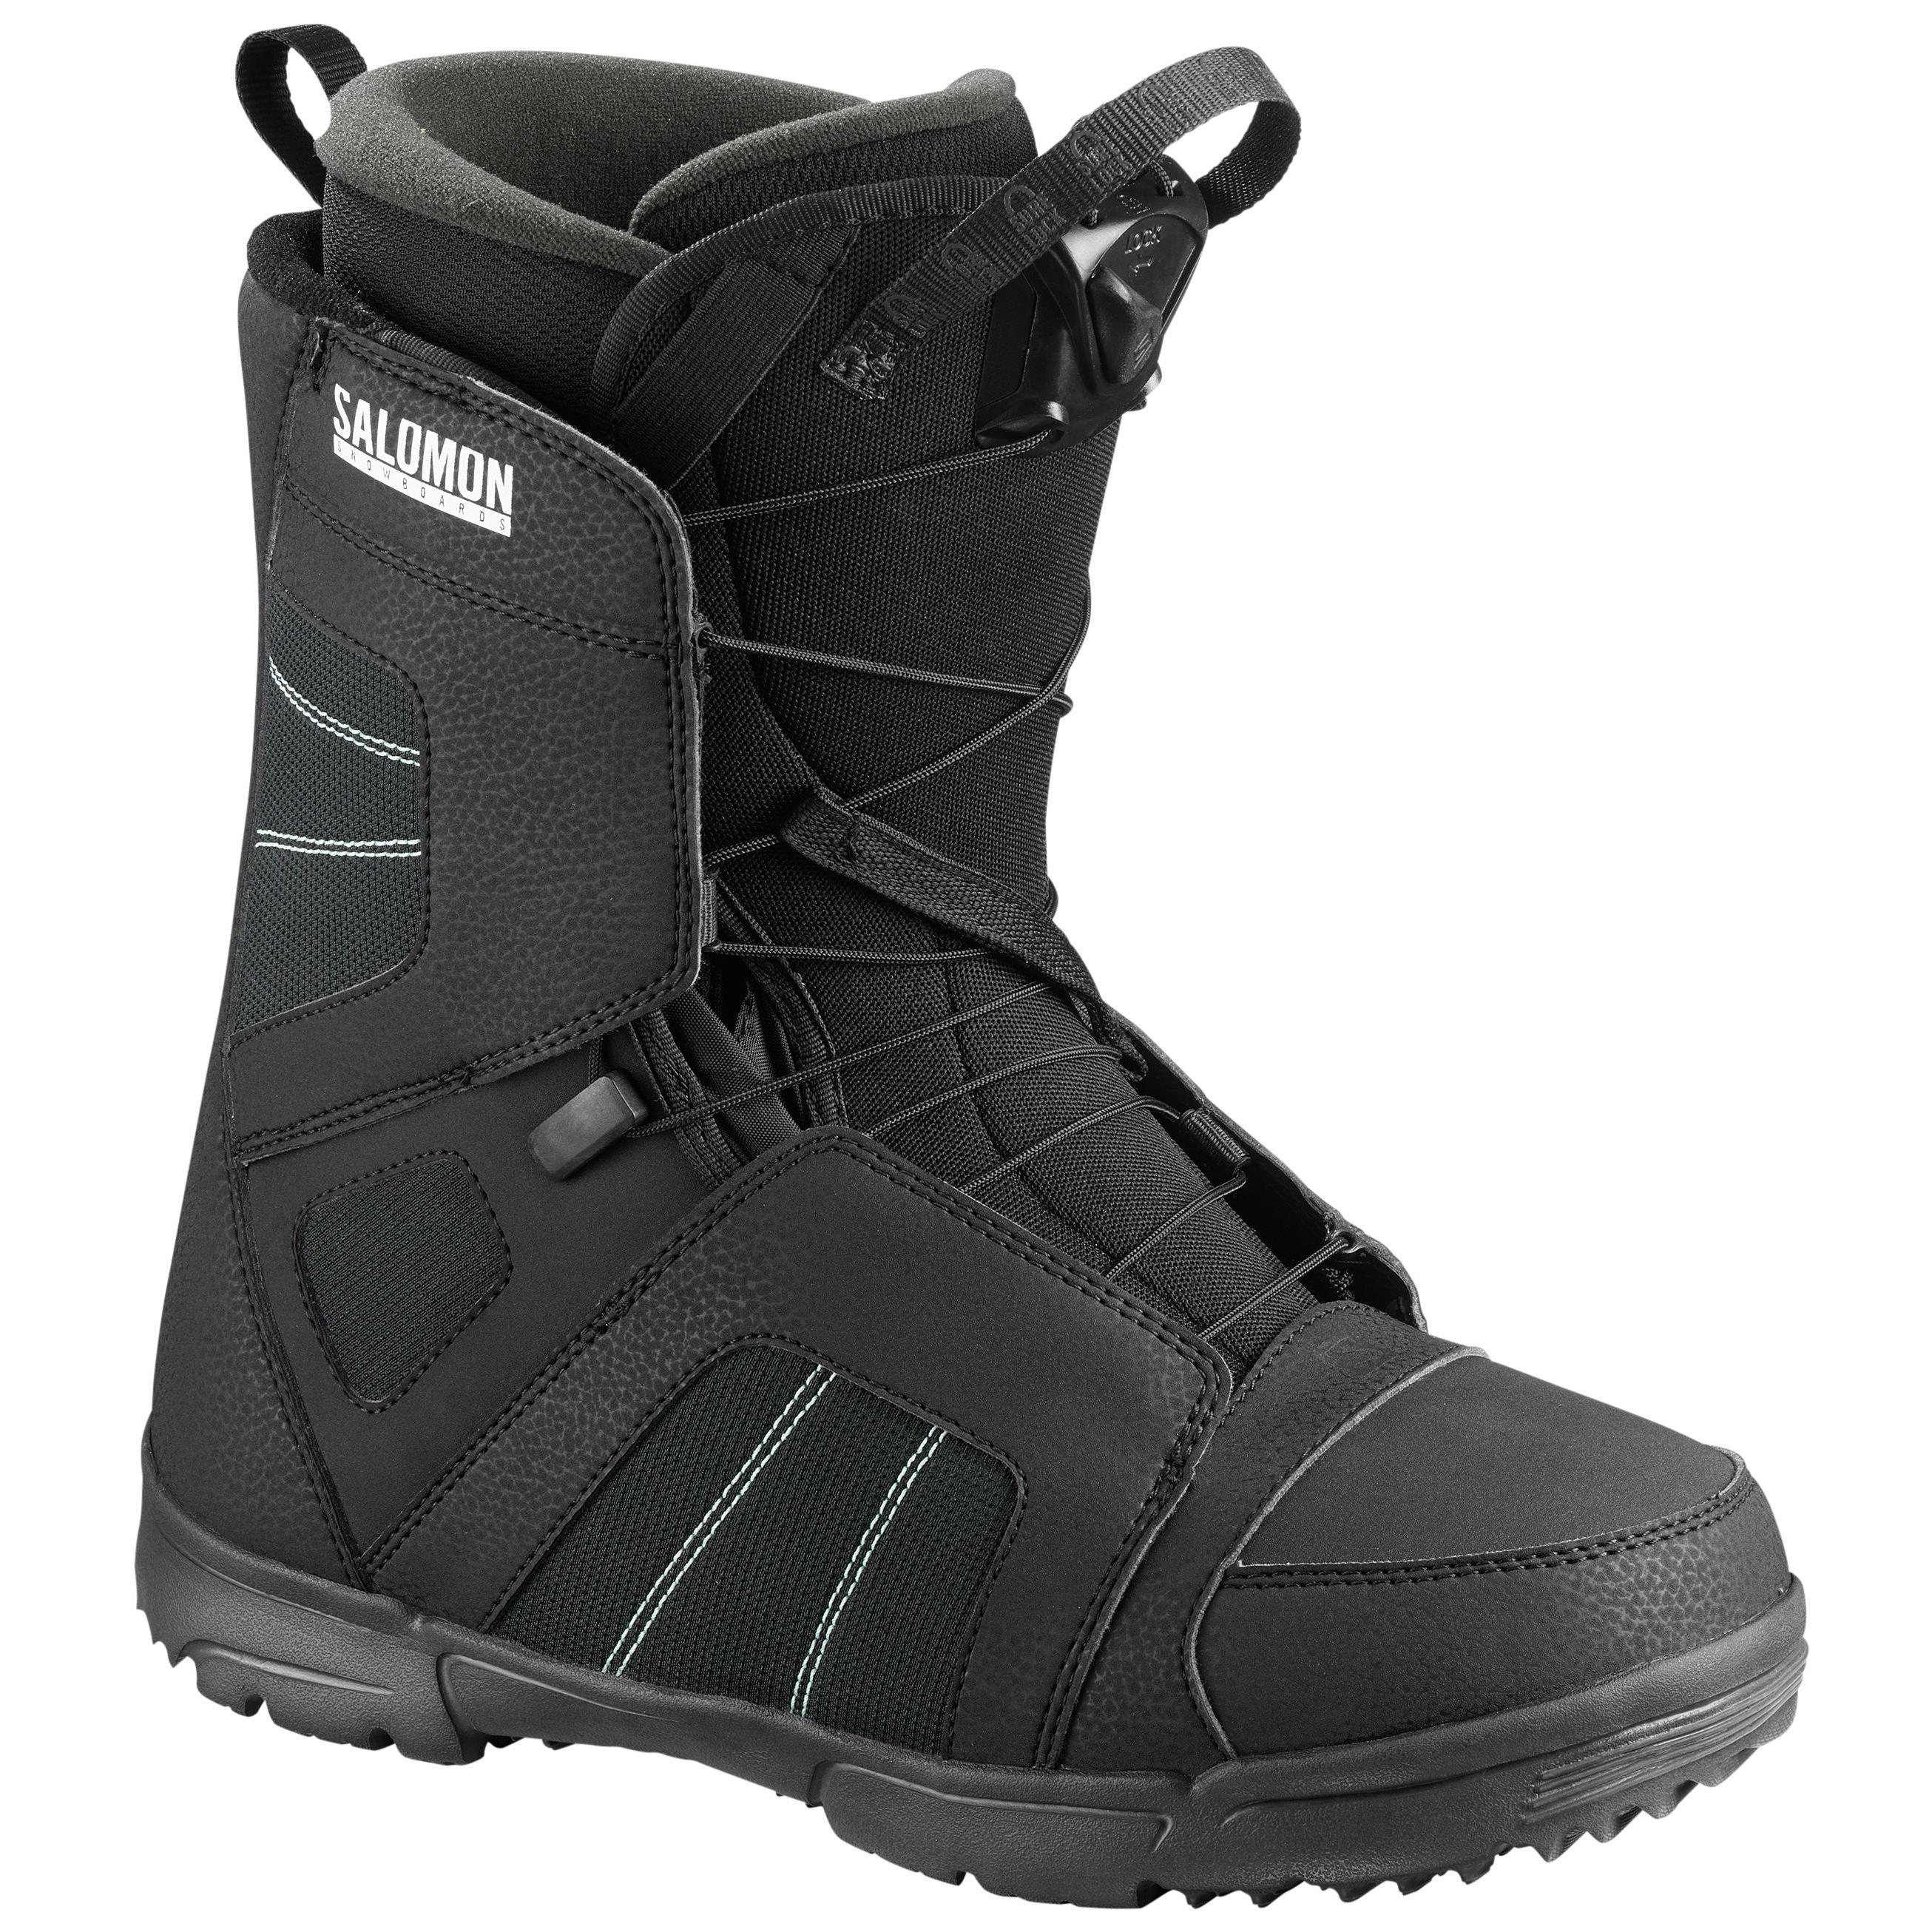 Ботинки для сноуборда Salomon 2018-19 TITAN Black - купить недорого ... dd2759f272e